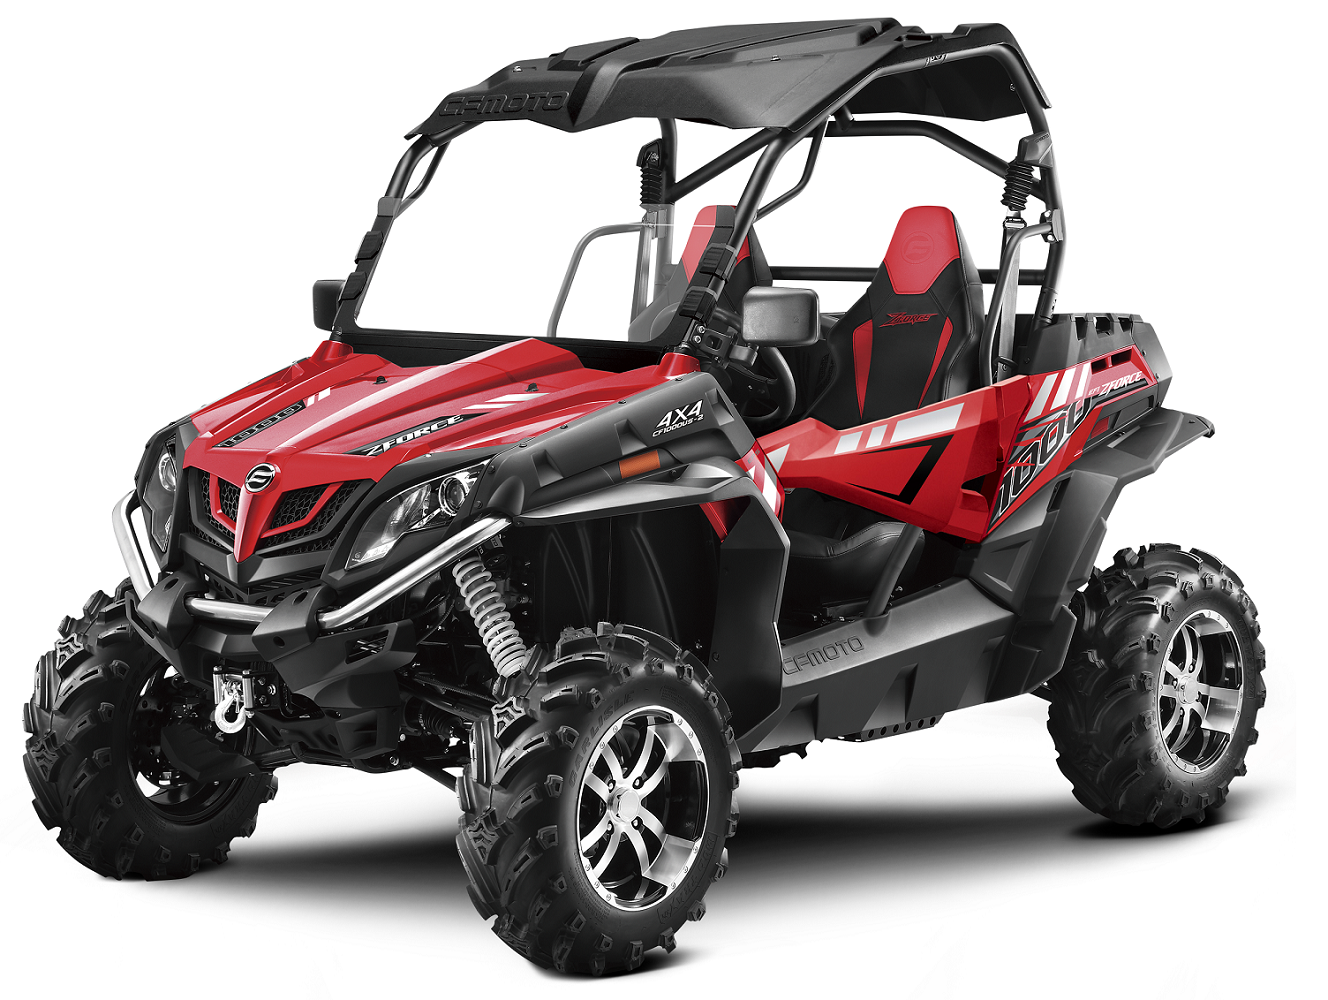 ZFORCE 1000 EX 4X4 AUTOMATICO